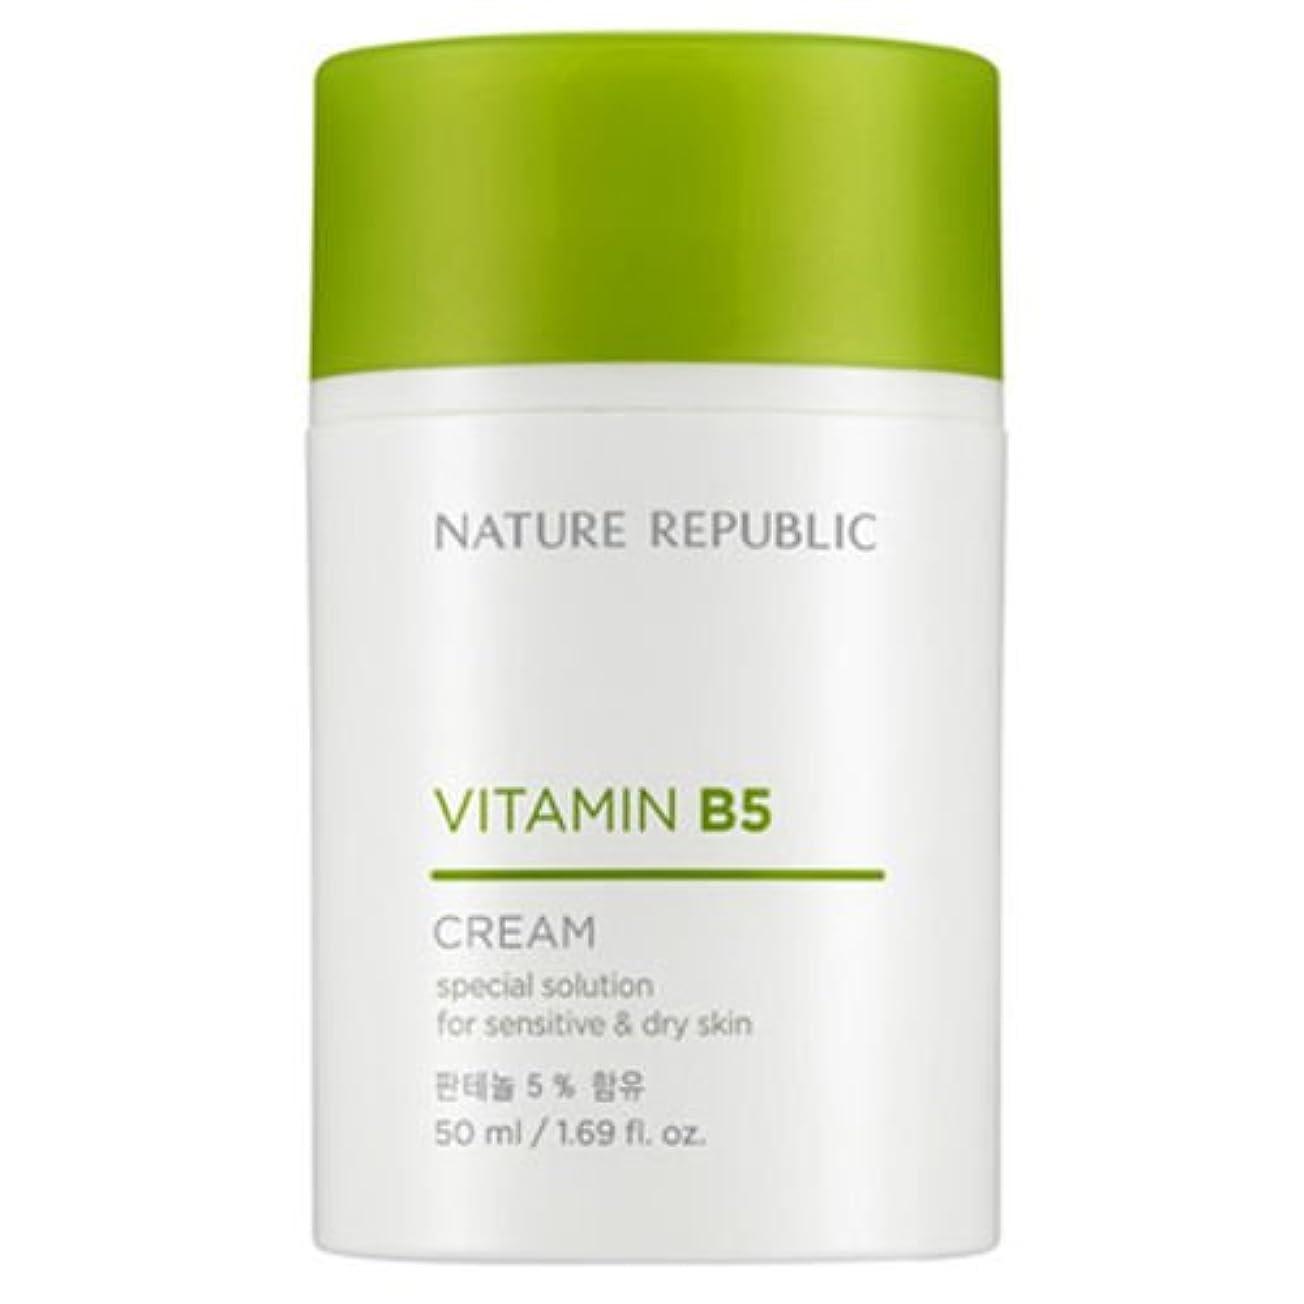 純粋に解放それに応じてNATURE REPUBLIC Vitamin B5 Series [並行輸入品] (Cream)